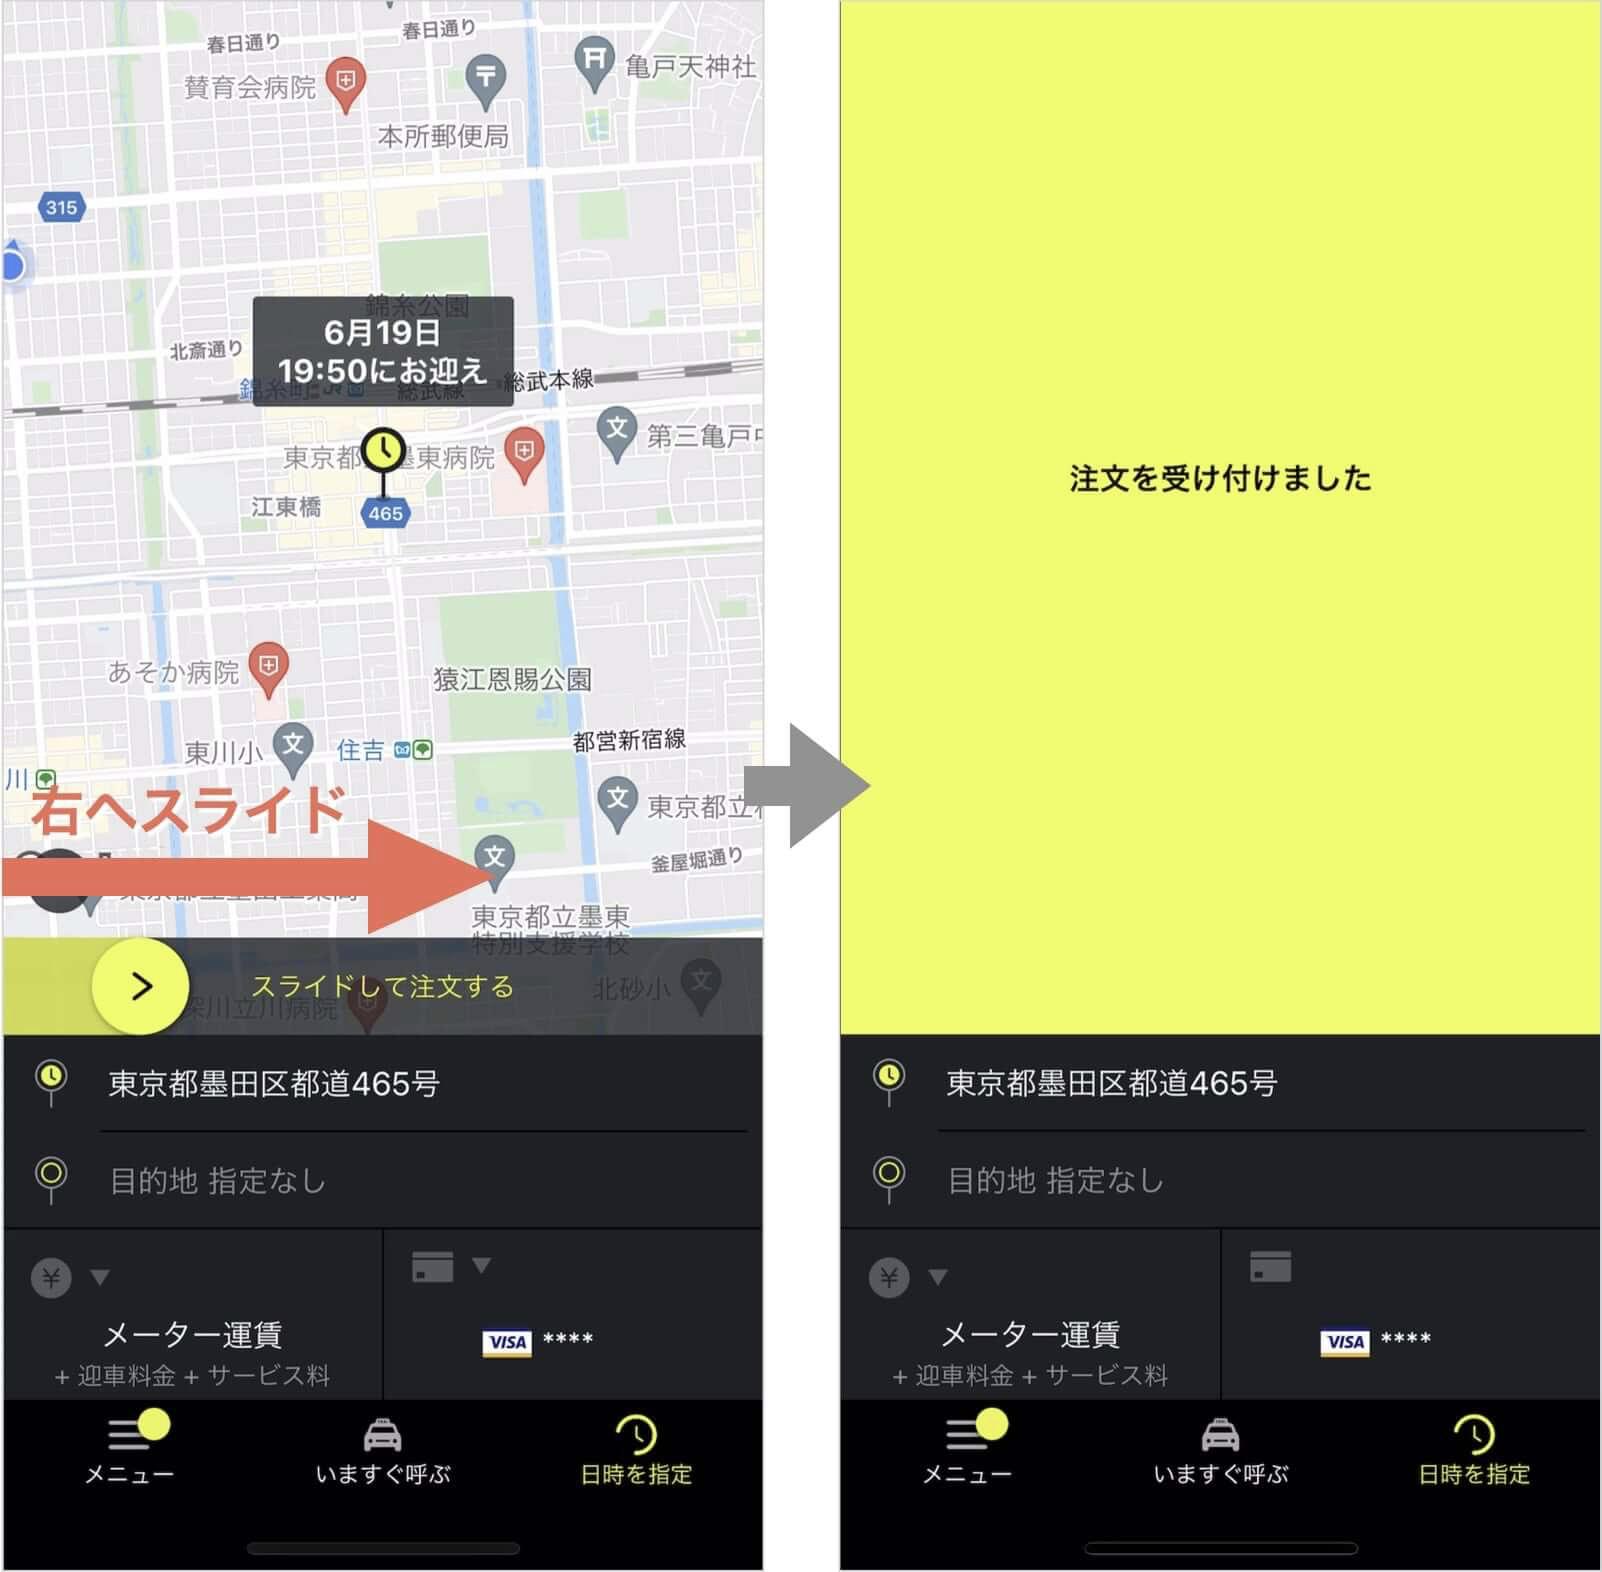 S.RIDE(エスライド)でタクシー予約する方法